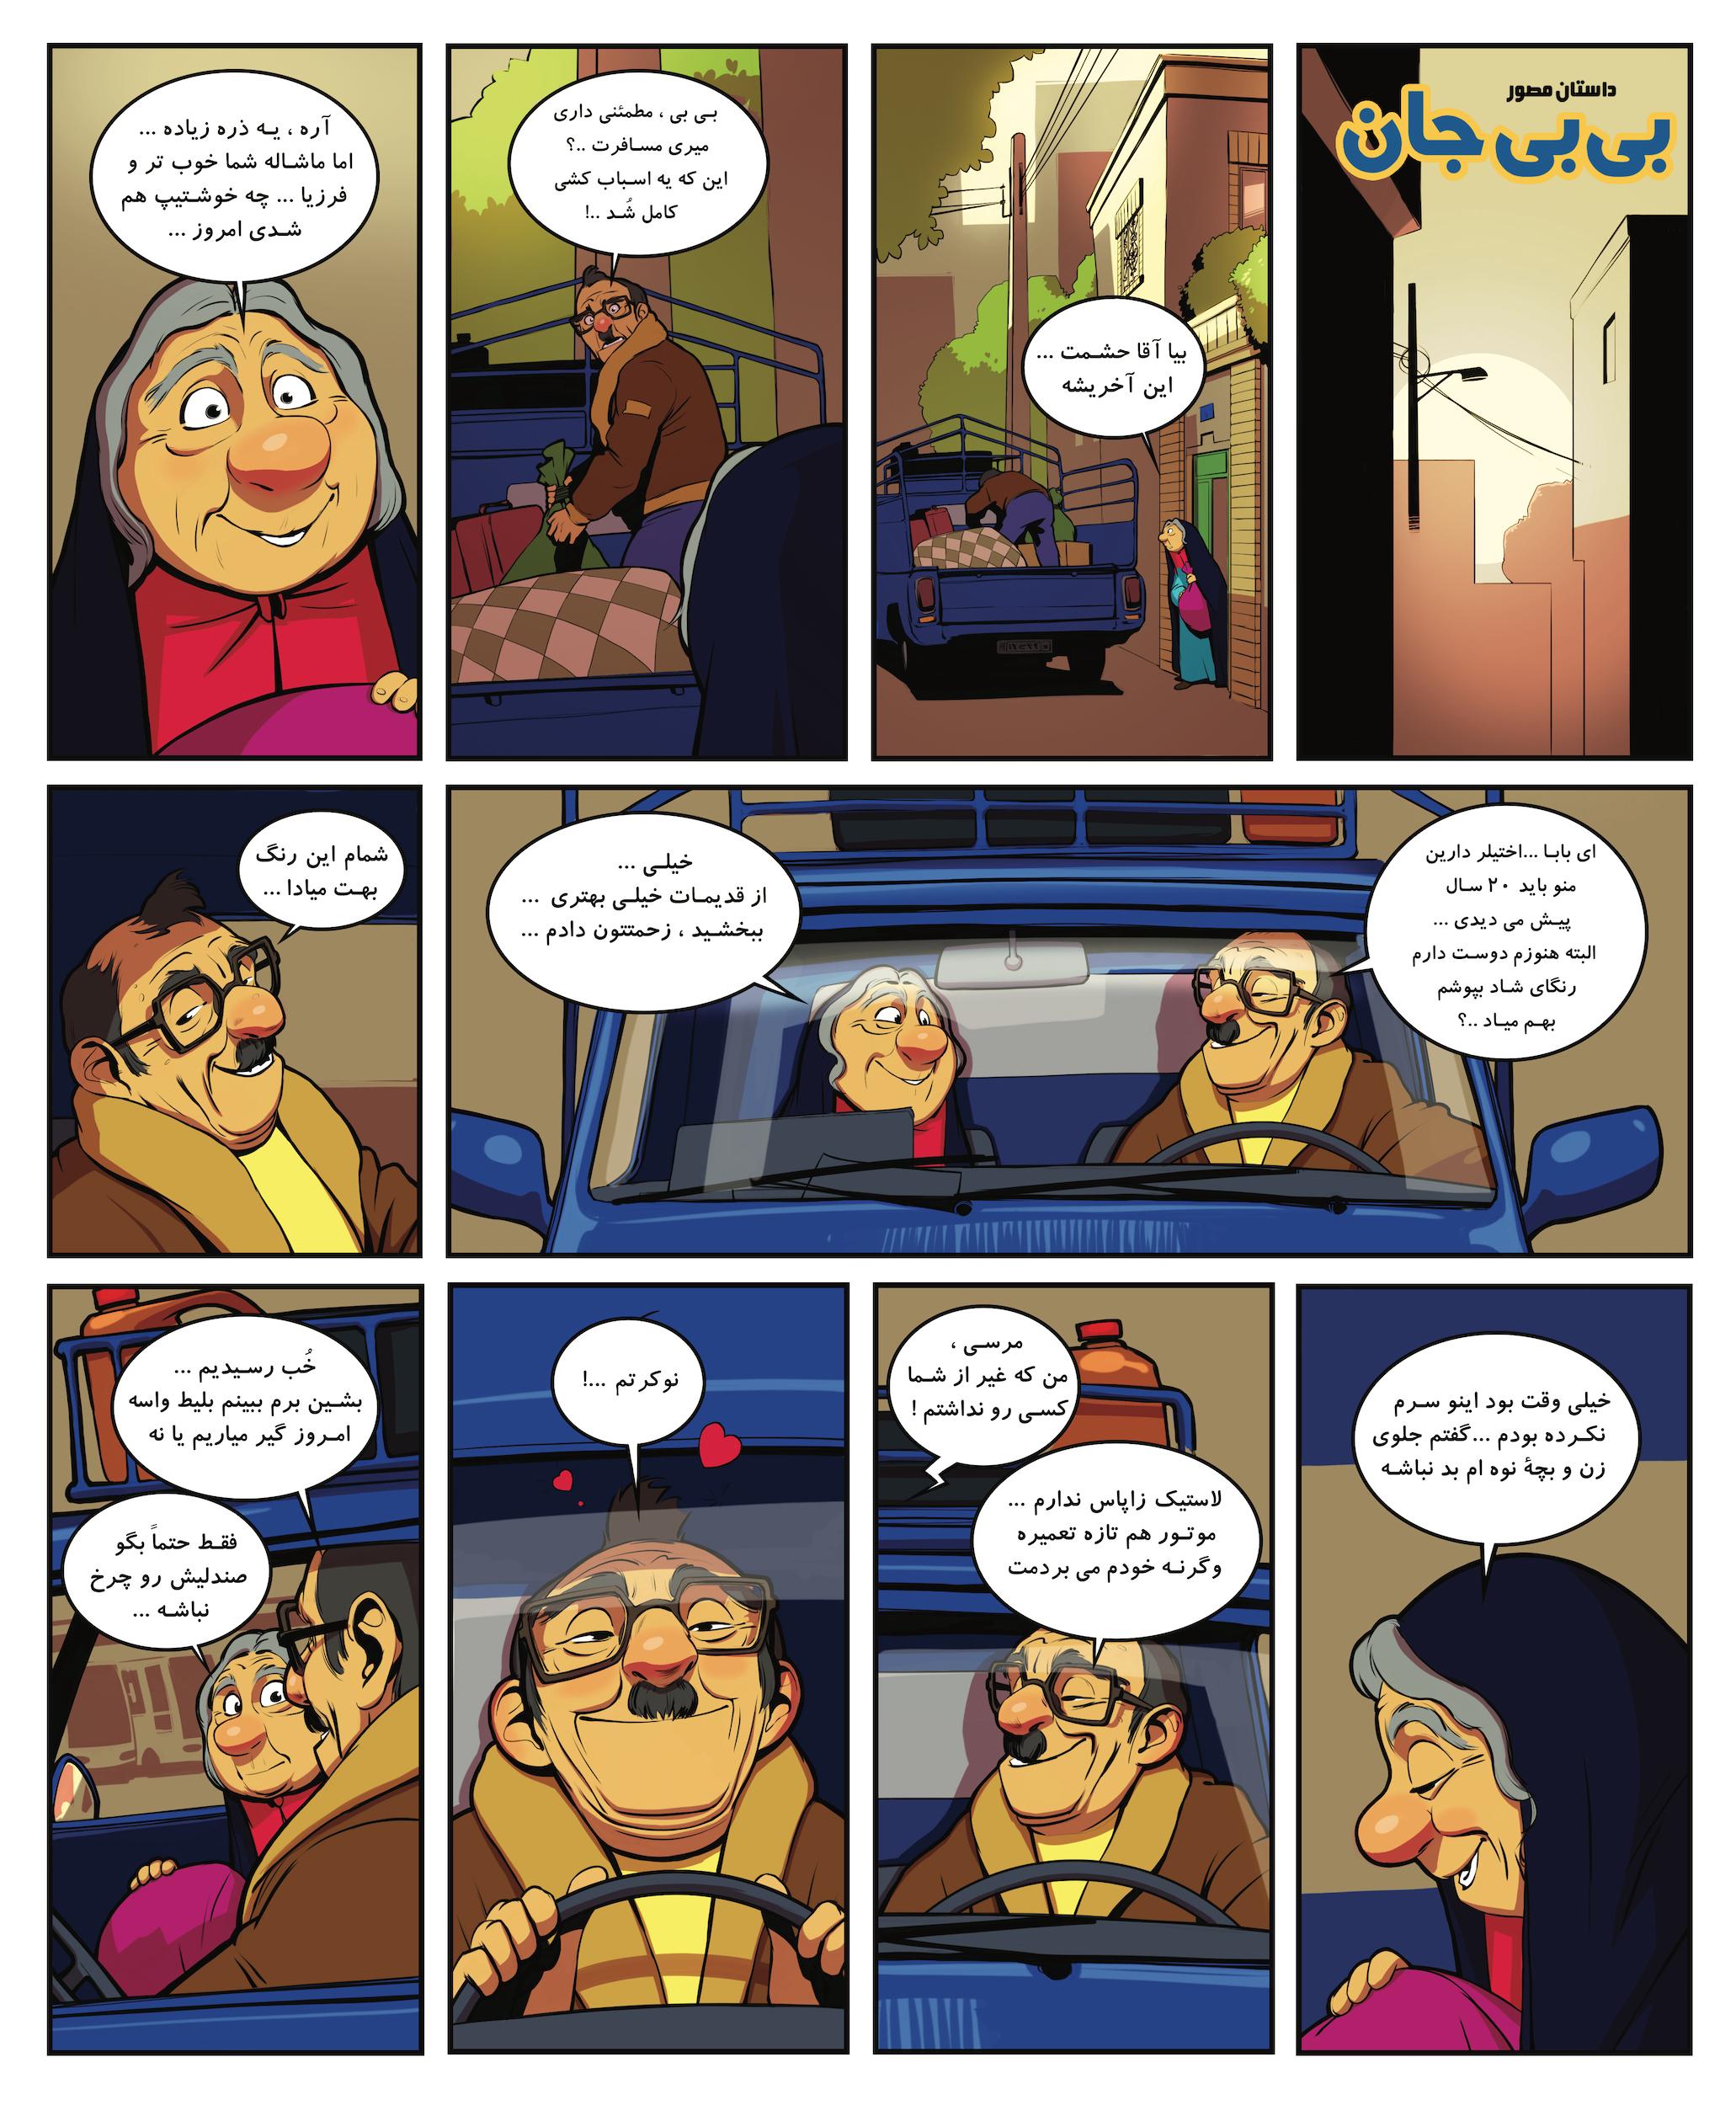 داستان های مصور بی بی جان - قسمت ۳